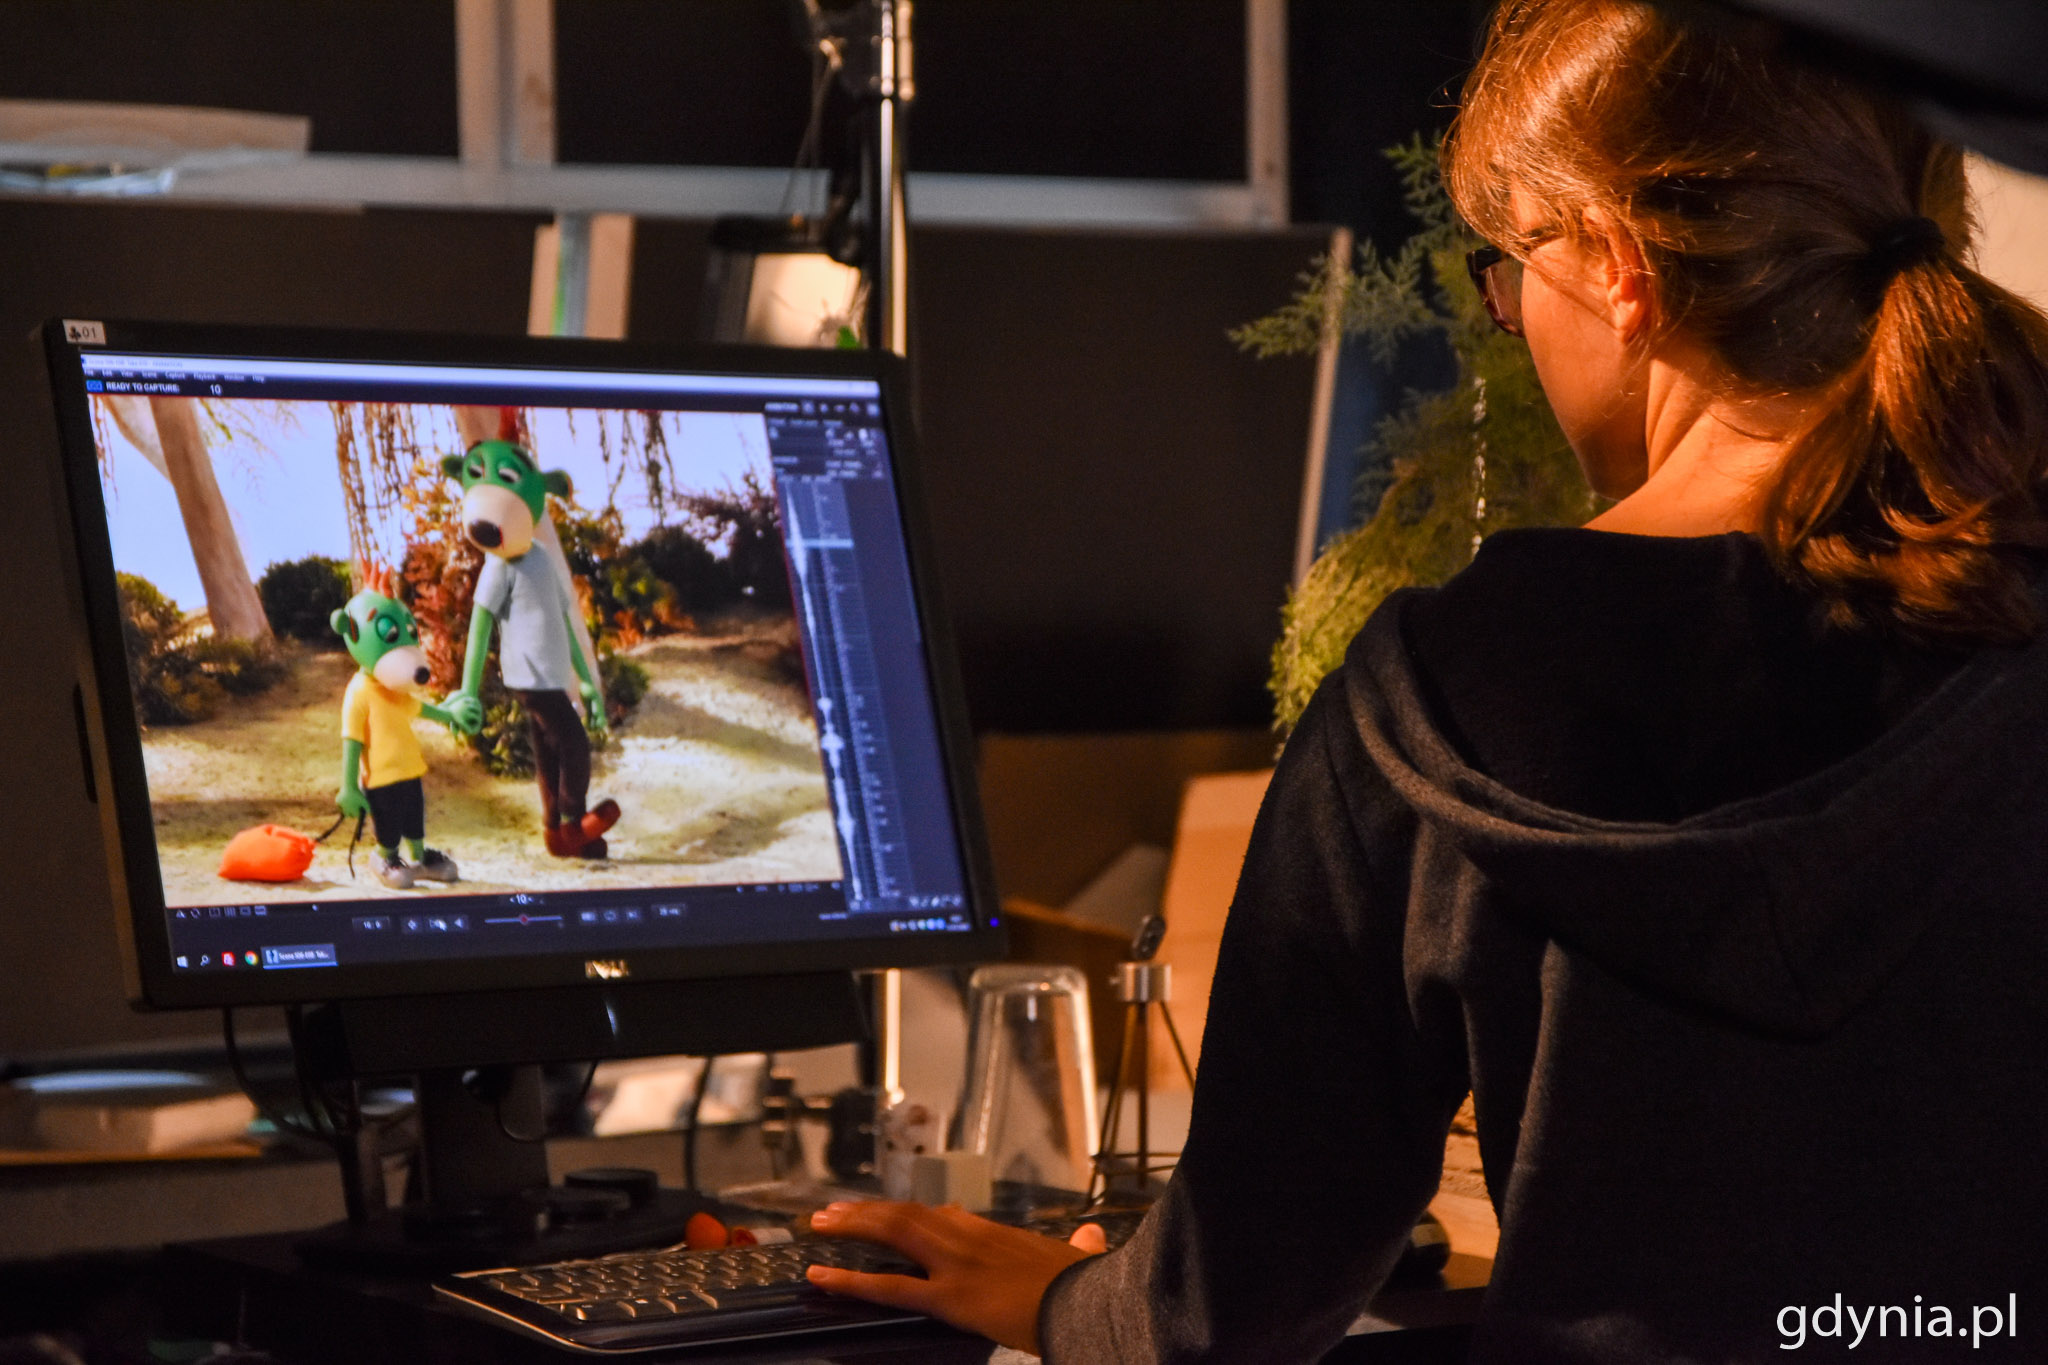 Jedna sekunda animacji to 25 zdjęć, czyli klatek // fot. Paweł Kukla